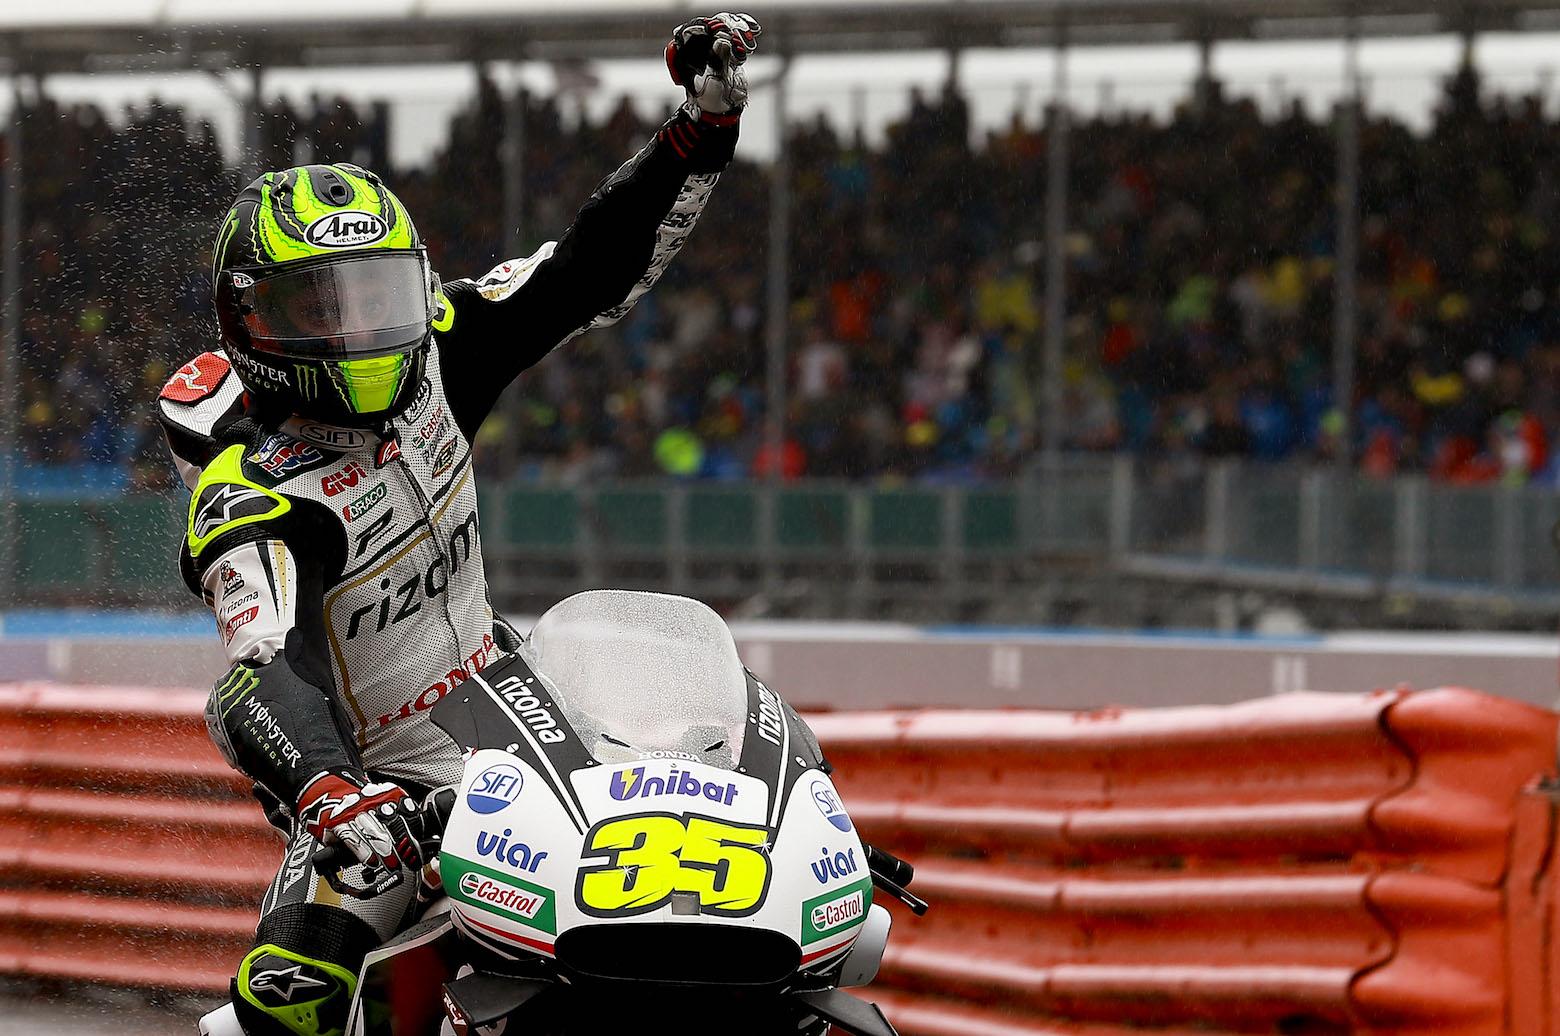 El factor humano en MotoGP, dos claros ejemplos